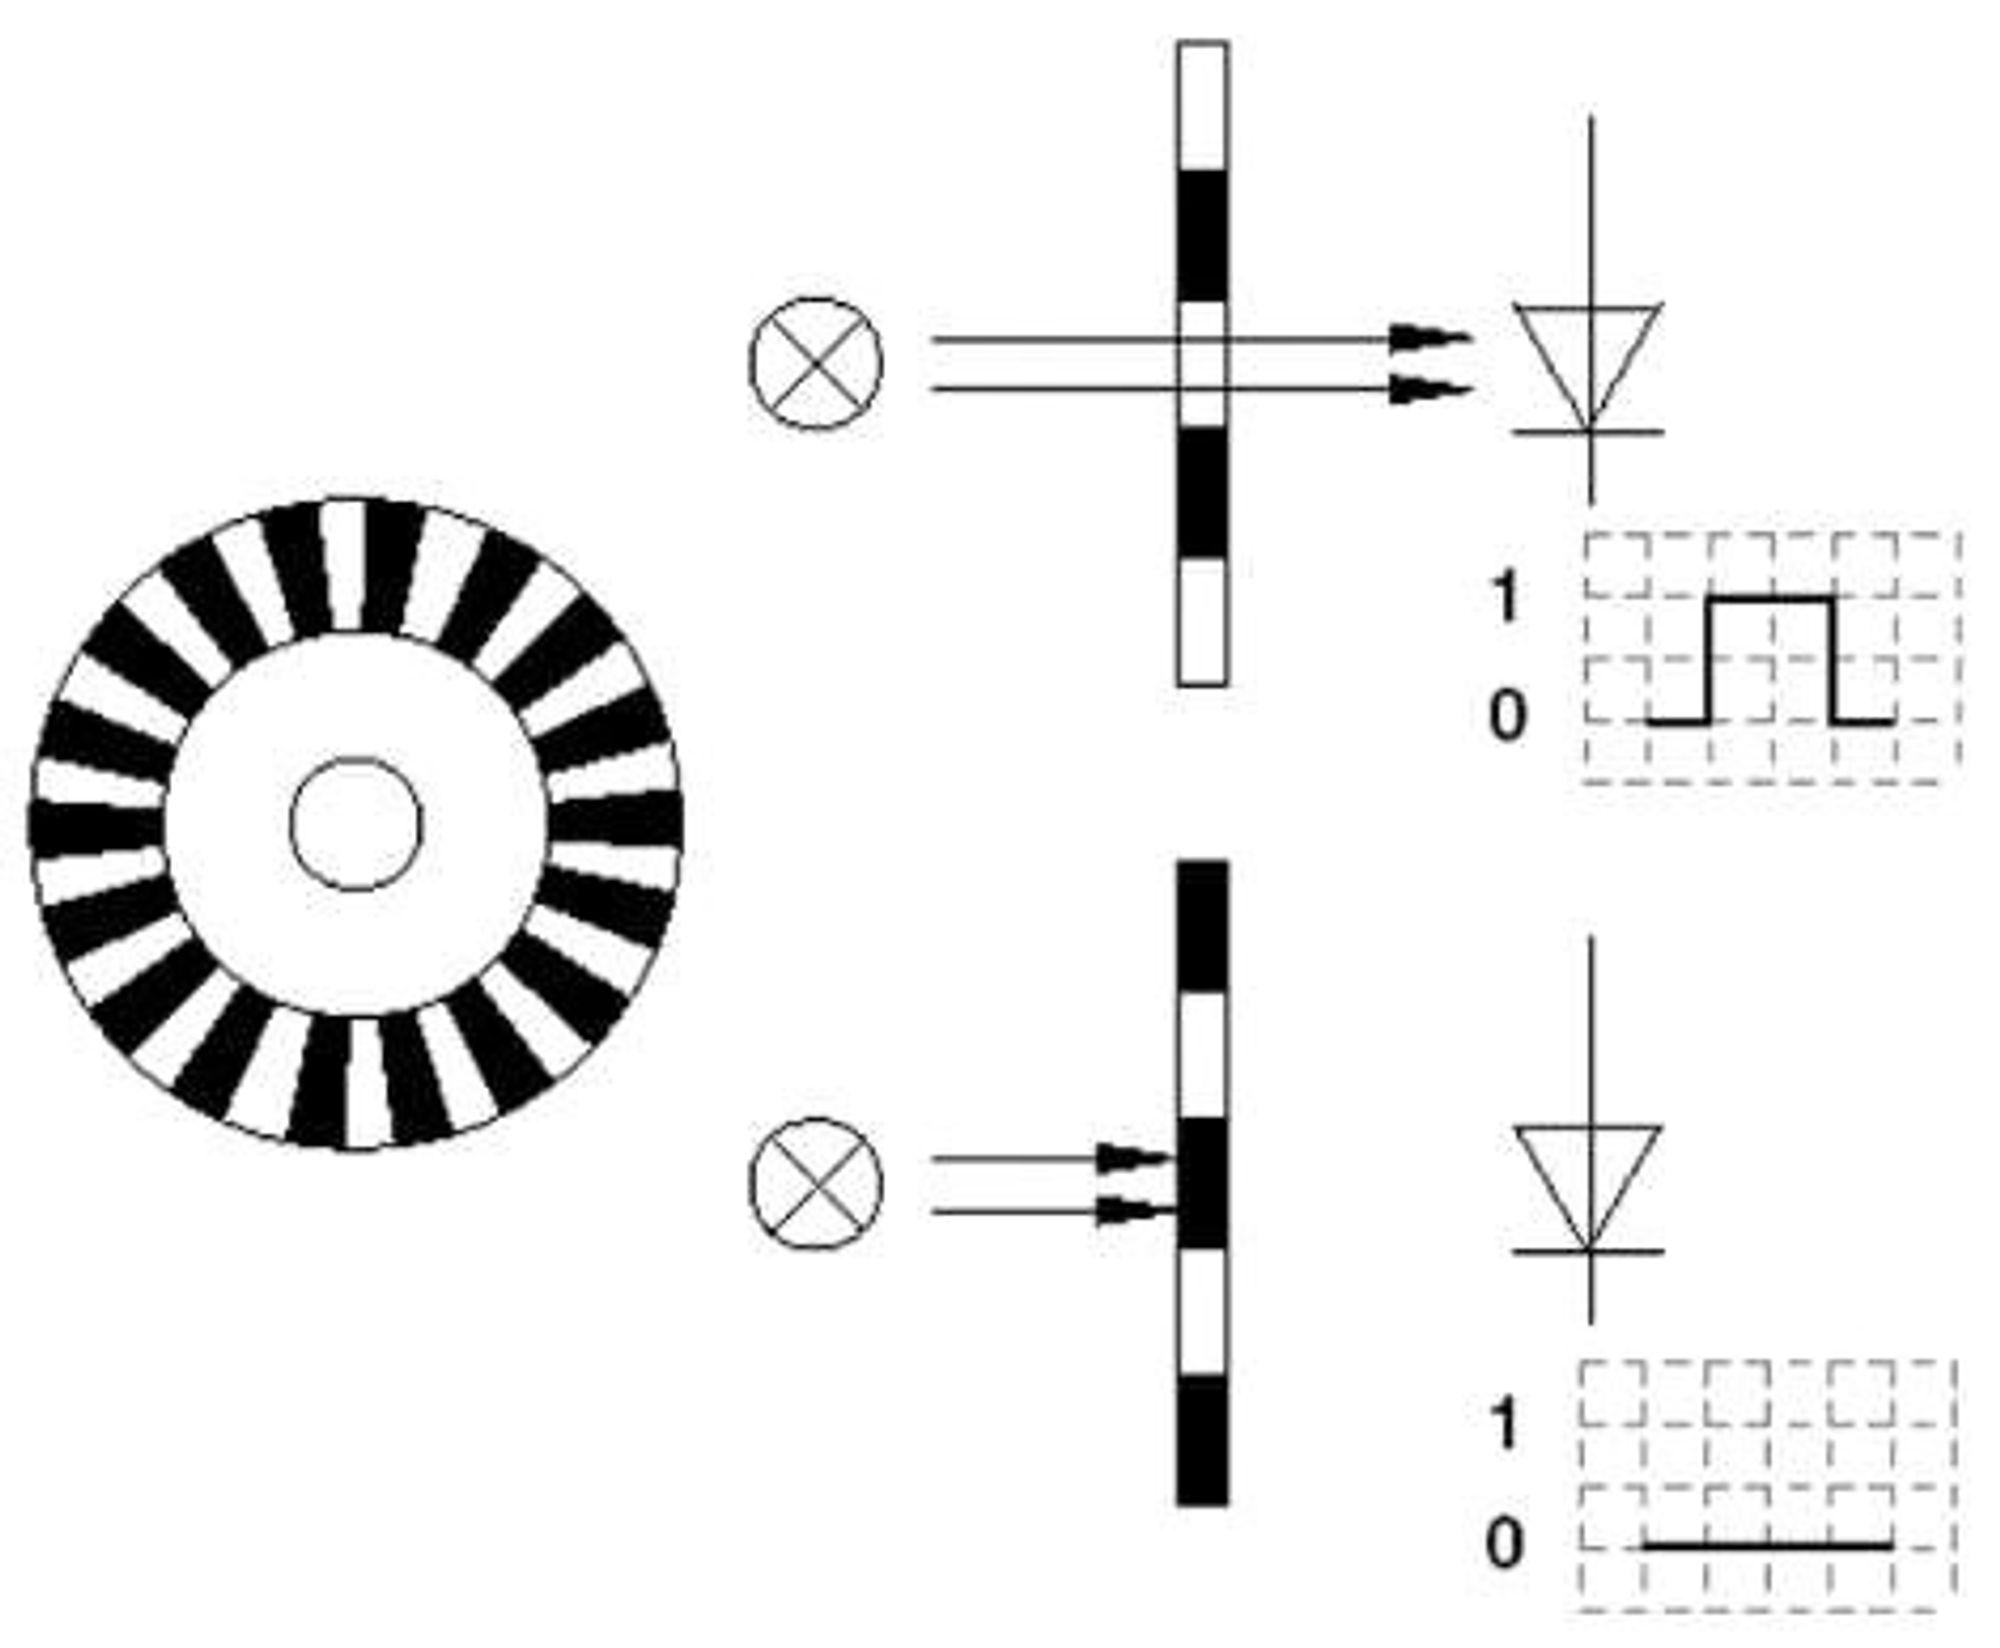 Roterende encoder. En lyskilde, normalt en LED, sender ut lys, som regel infrarødt, mot en mottaker, fotodiode eller fototransistor. Mellom disse er det plassert en skive med spalter som roterer med akselen på encoderen. Når spalteåpningene passerer lyskilden, slipper lyset gjennom til mottakeren og denne aktiveres, og vi får ut en puls. Antall spalter i skiva tilsvarer, på inkrementelle givere, encoderens pulstall pr. omdreining.